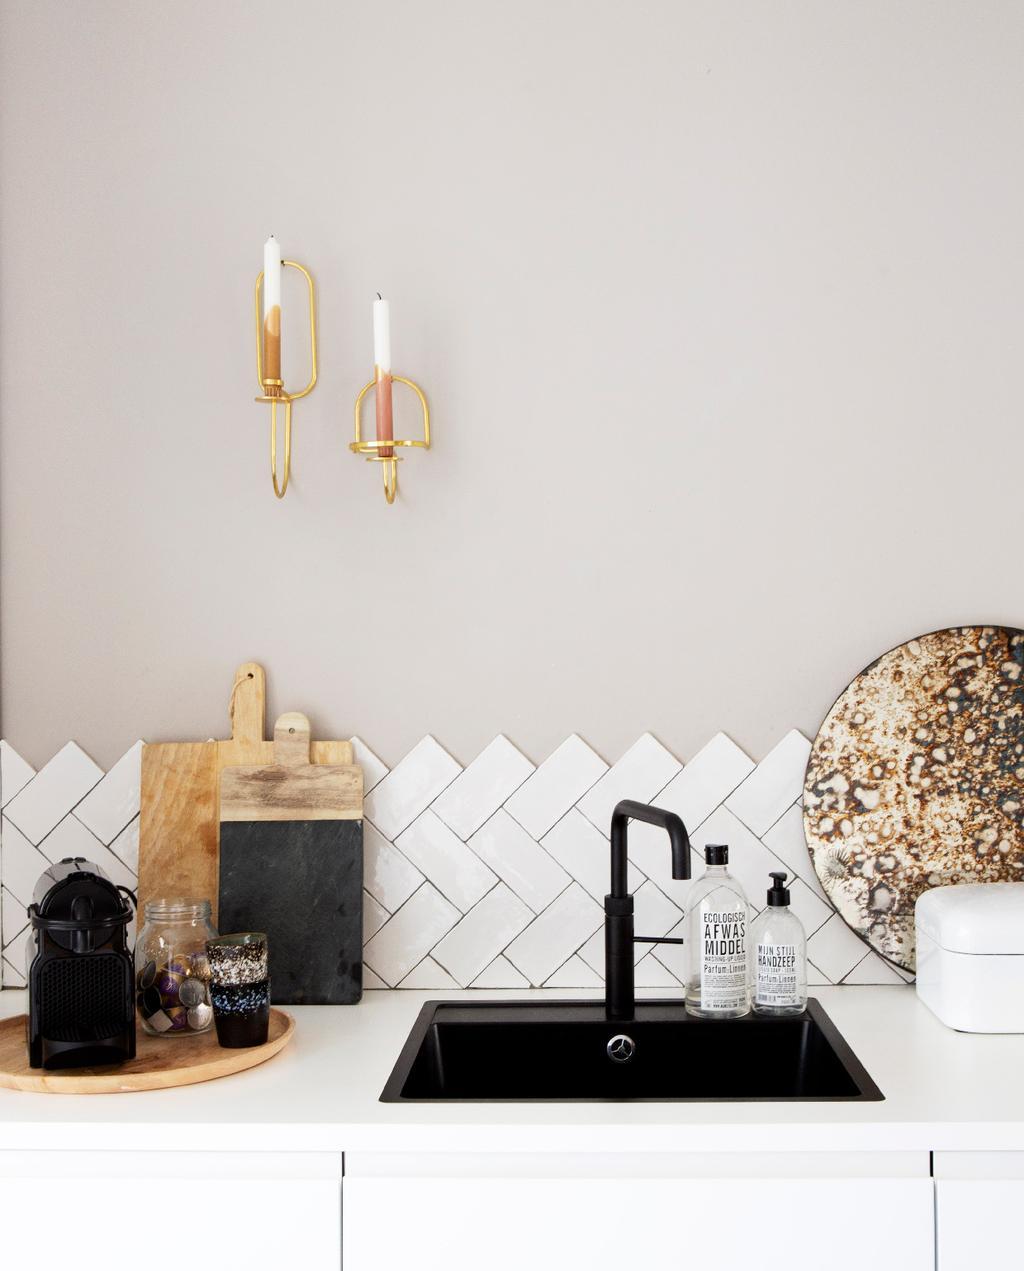 vtwonen 05-2020 | binnenkijken in een klassiek pand in amsterdam keuken met witte visgraattegels